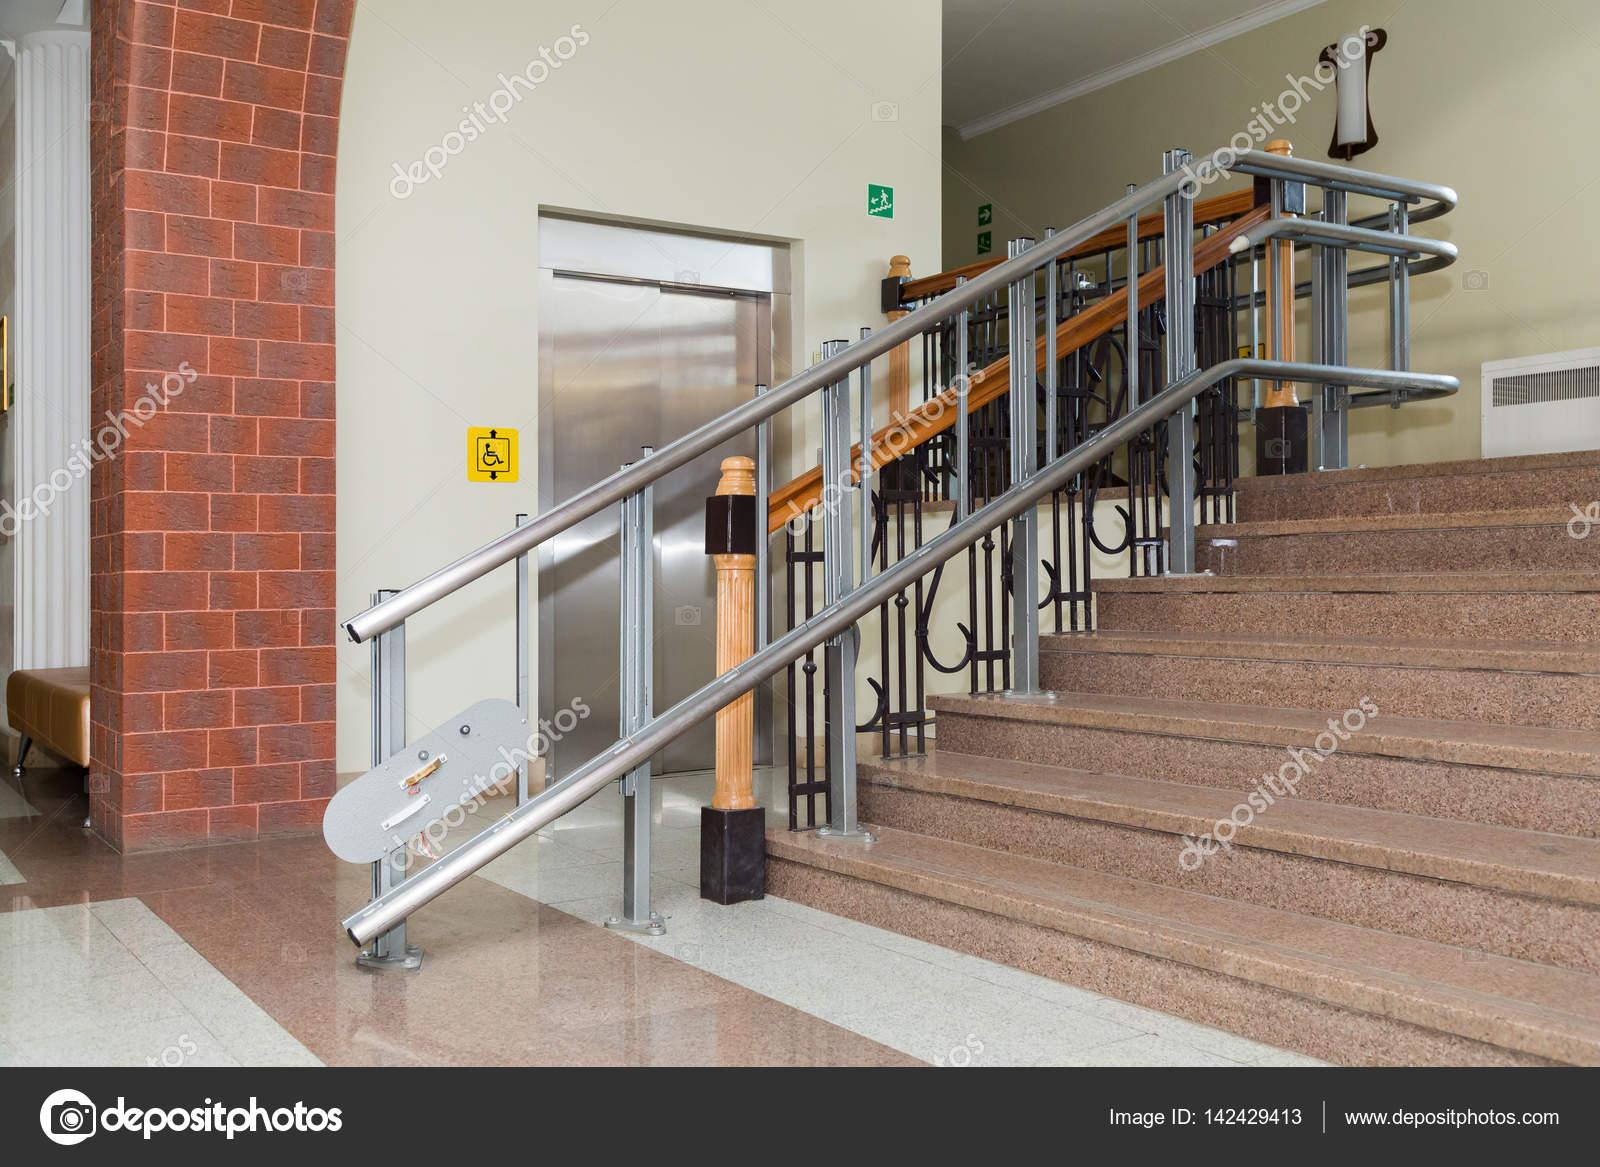 Silla elevadora para discapacitados escaleras del for Sillas para escaleras minusvalidos